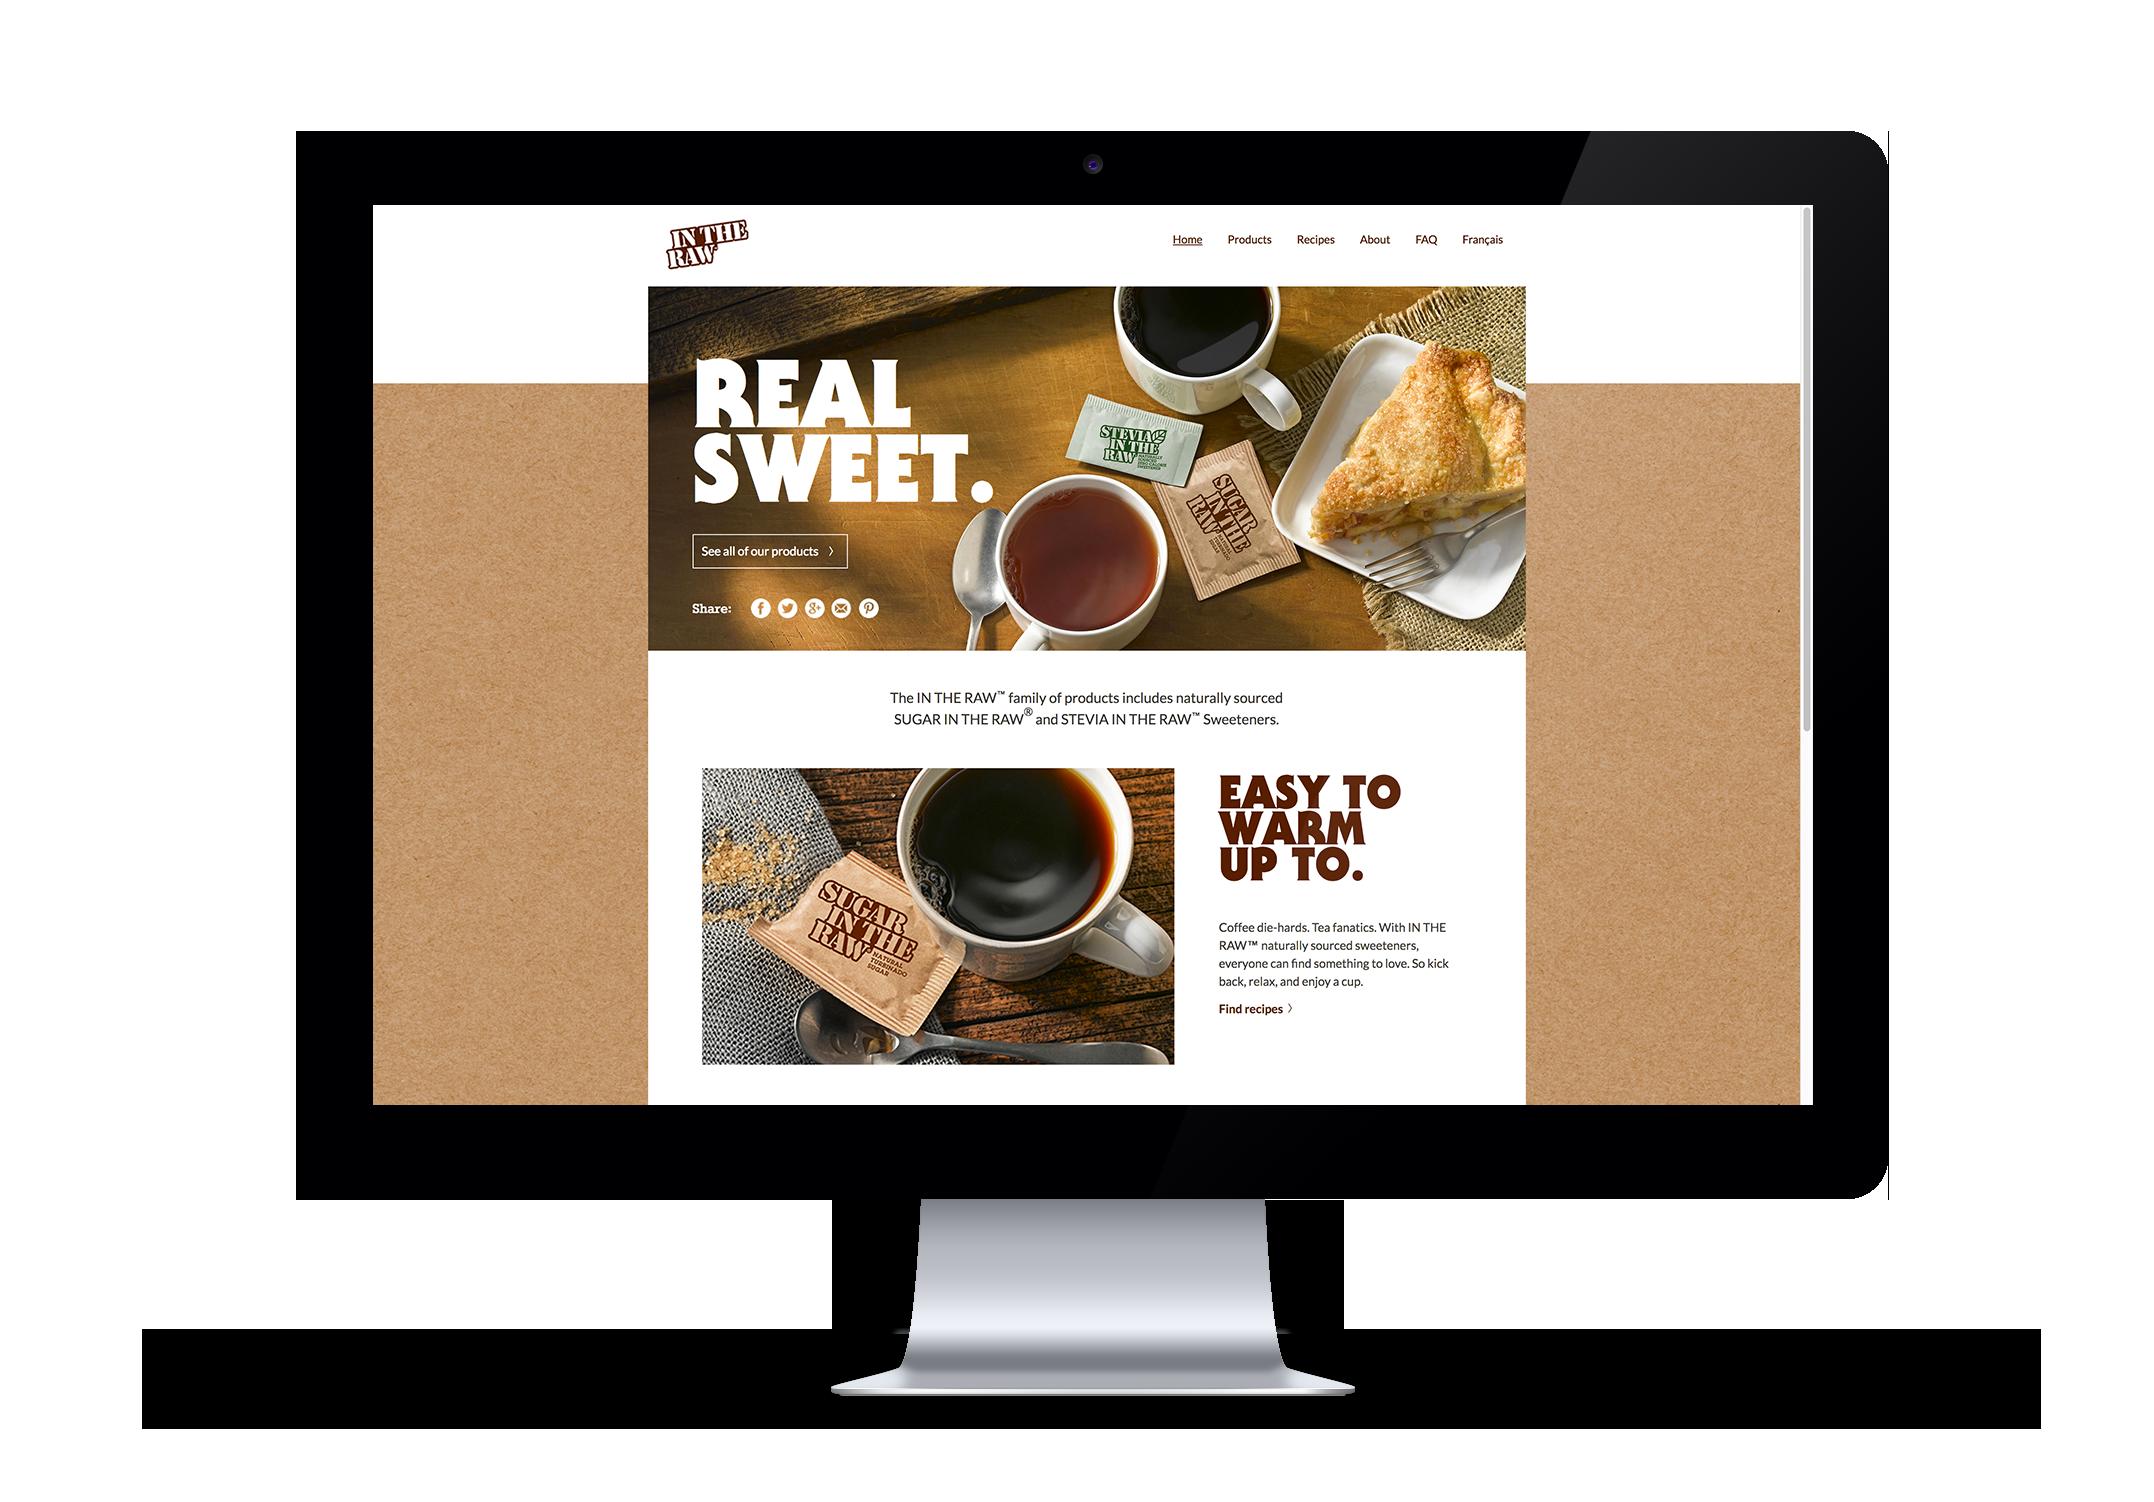 Sugar In The Raw Site Design